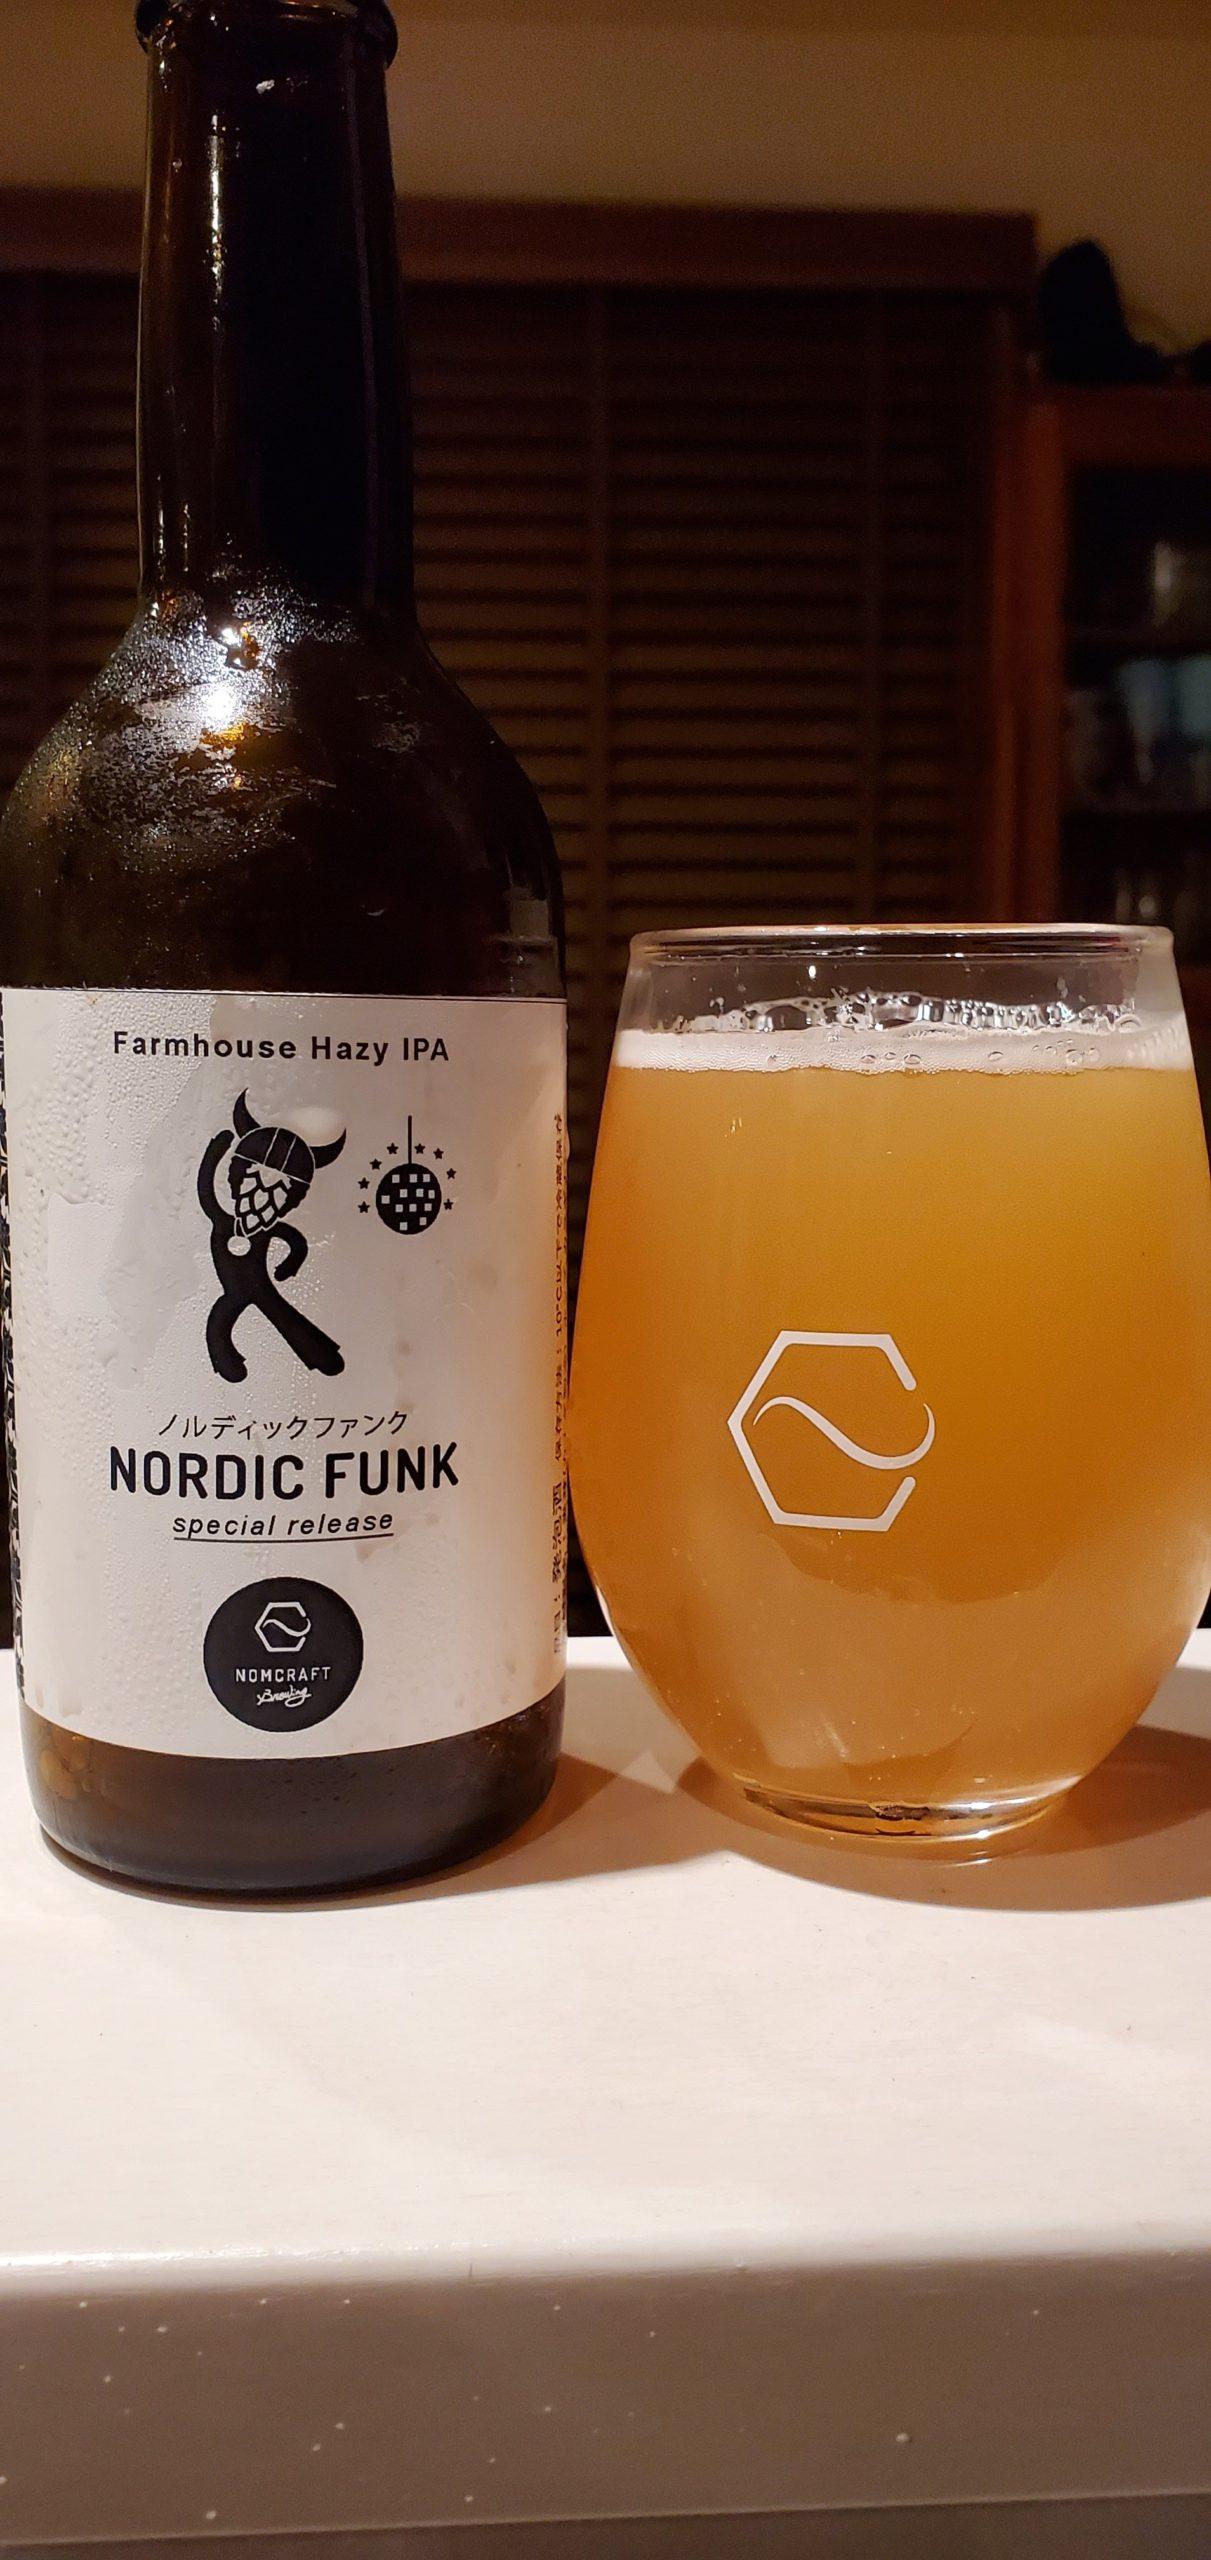 Nomcraft Nordic Funk